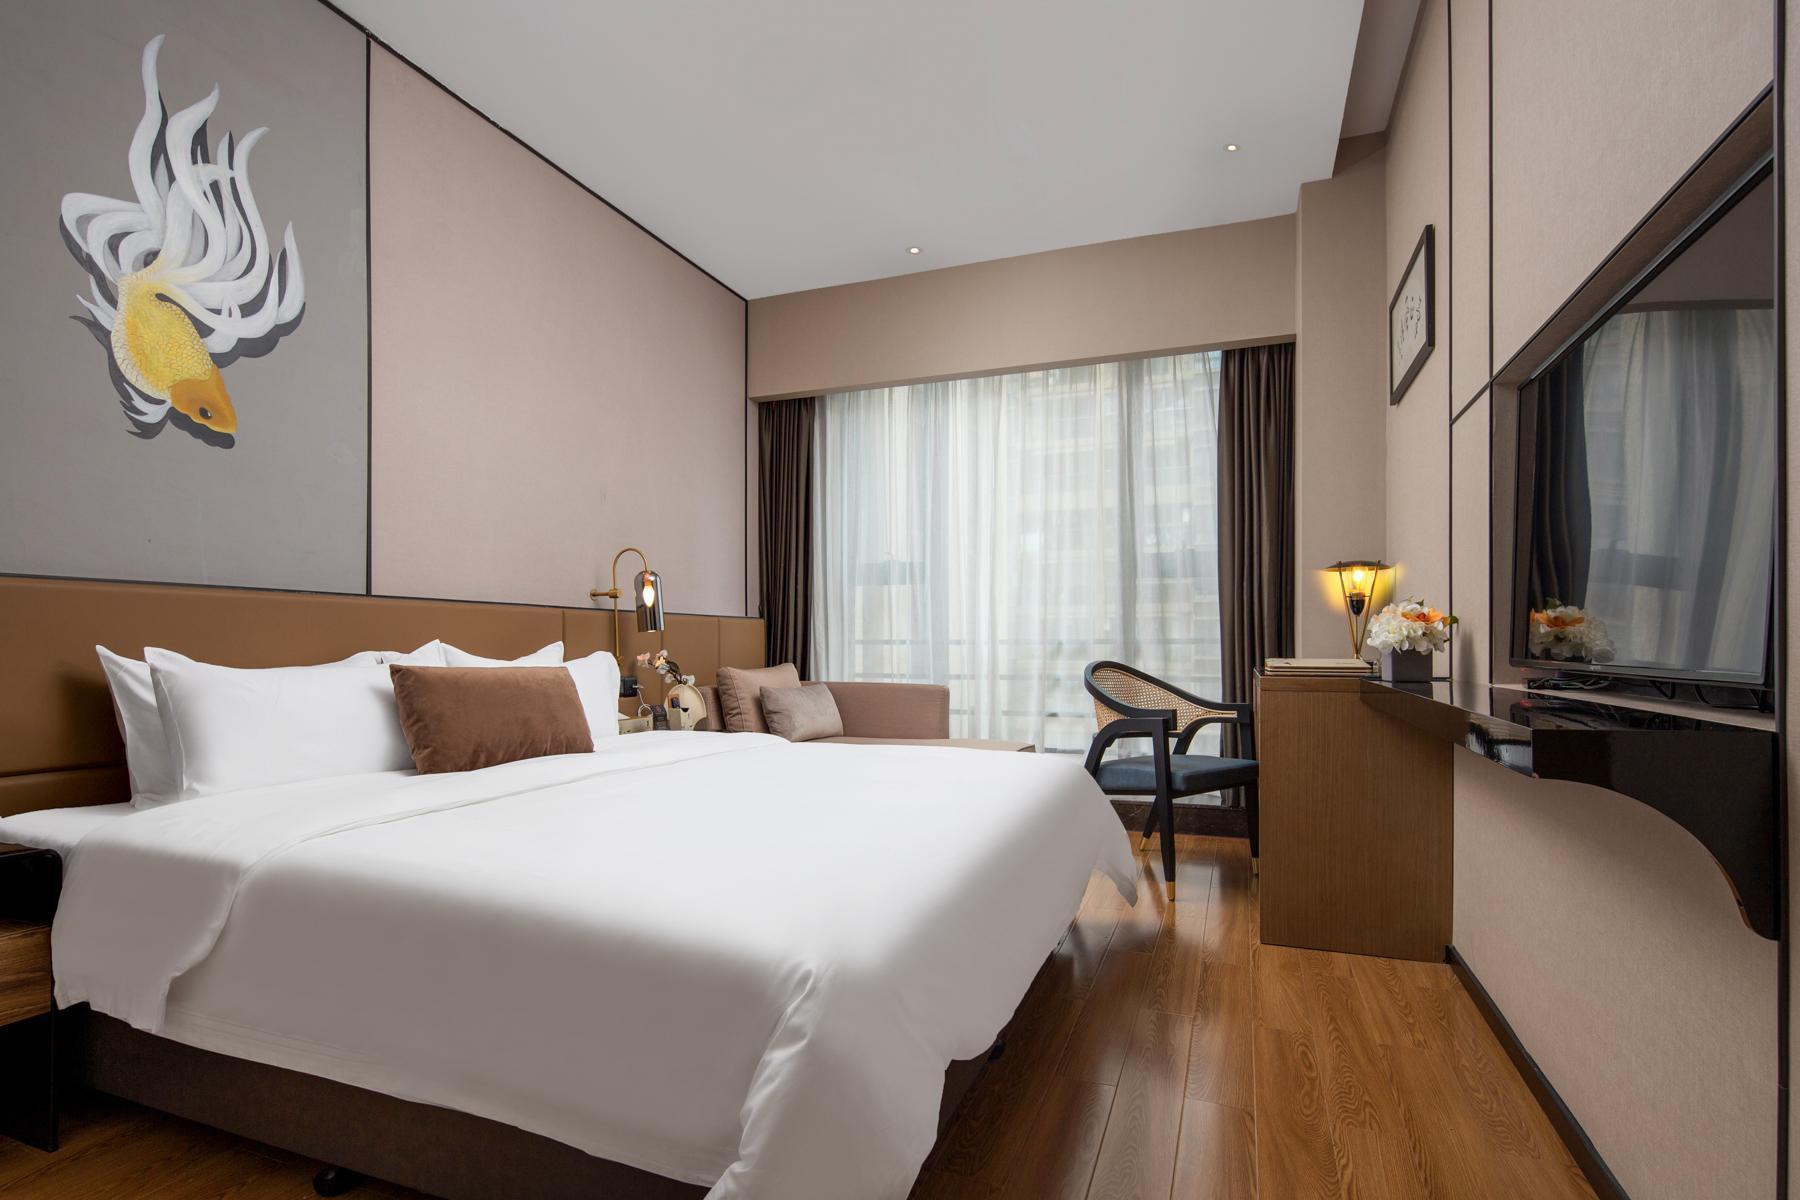 Exquisite Big Bed Room